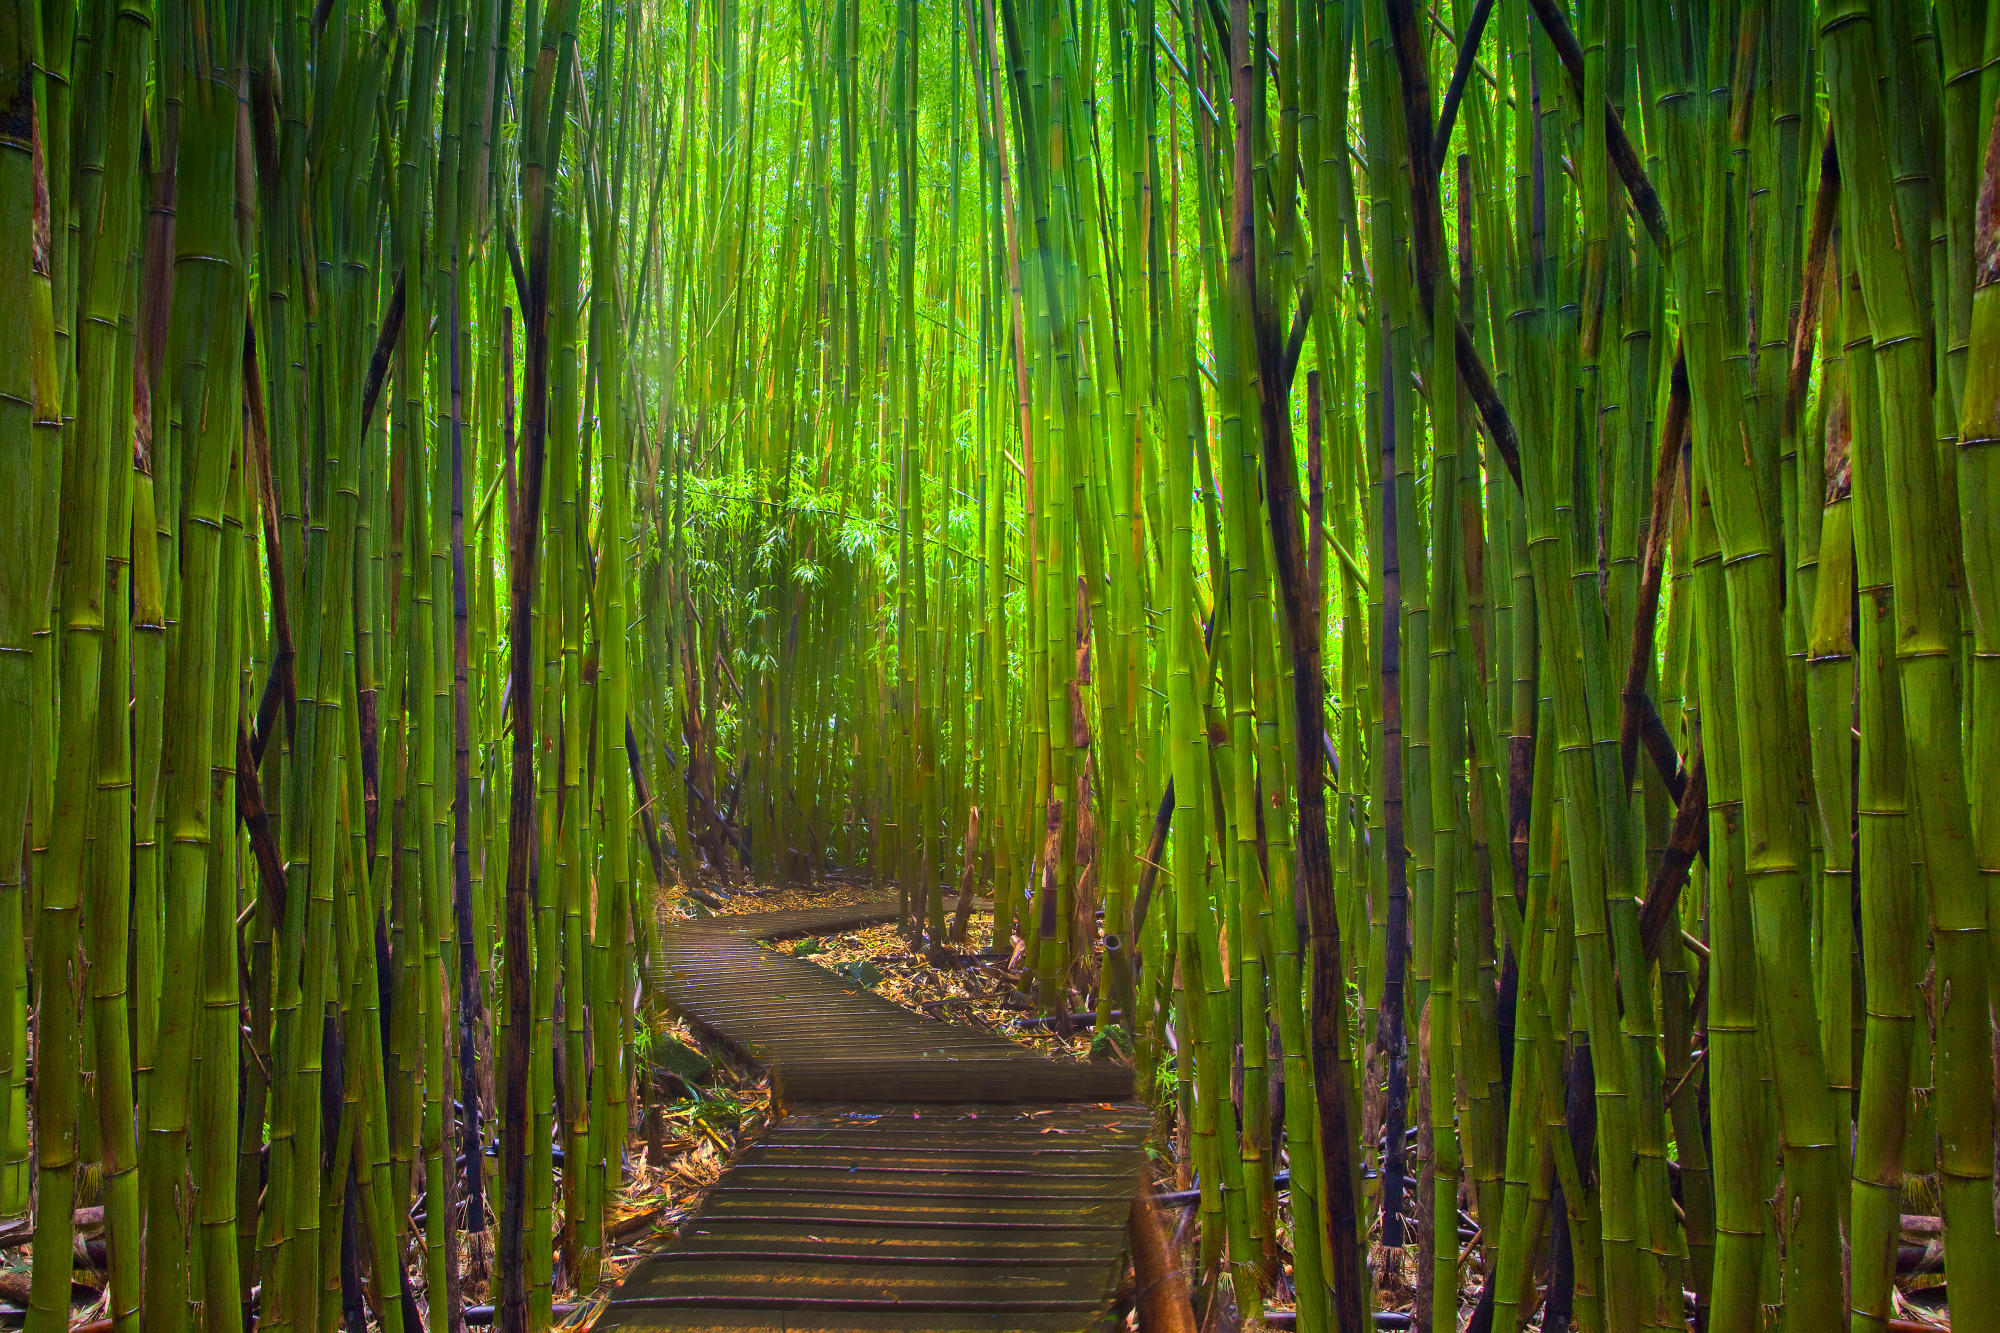 maui bamboo-forest-maui